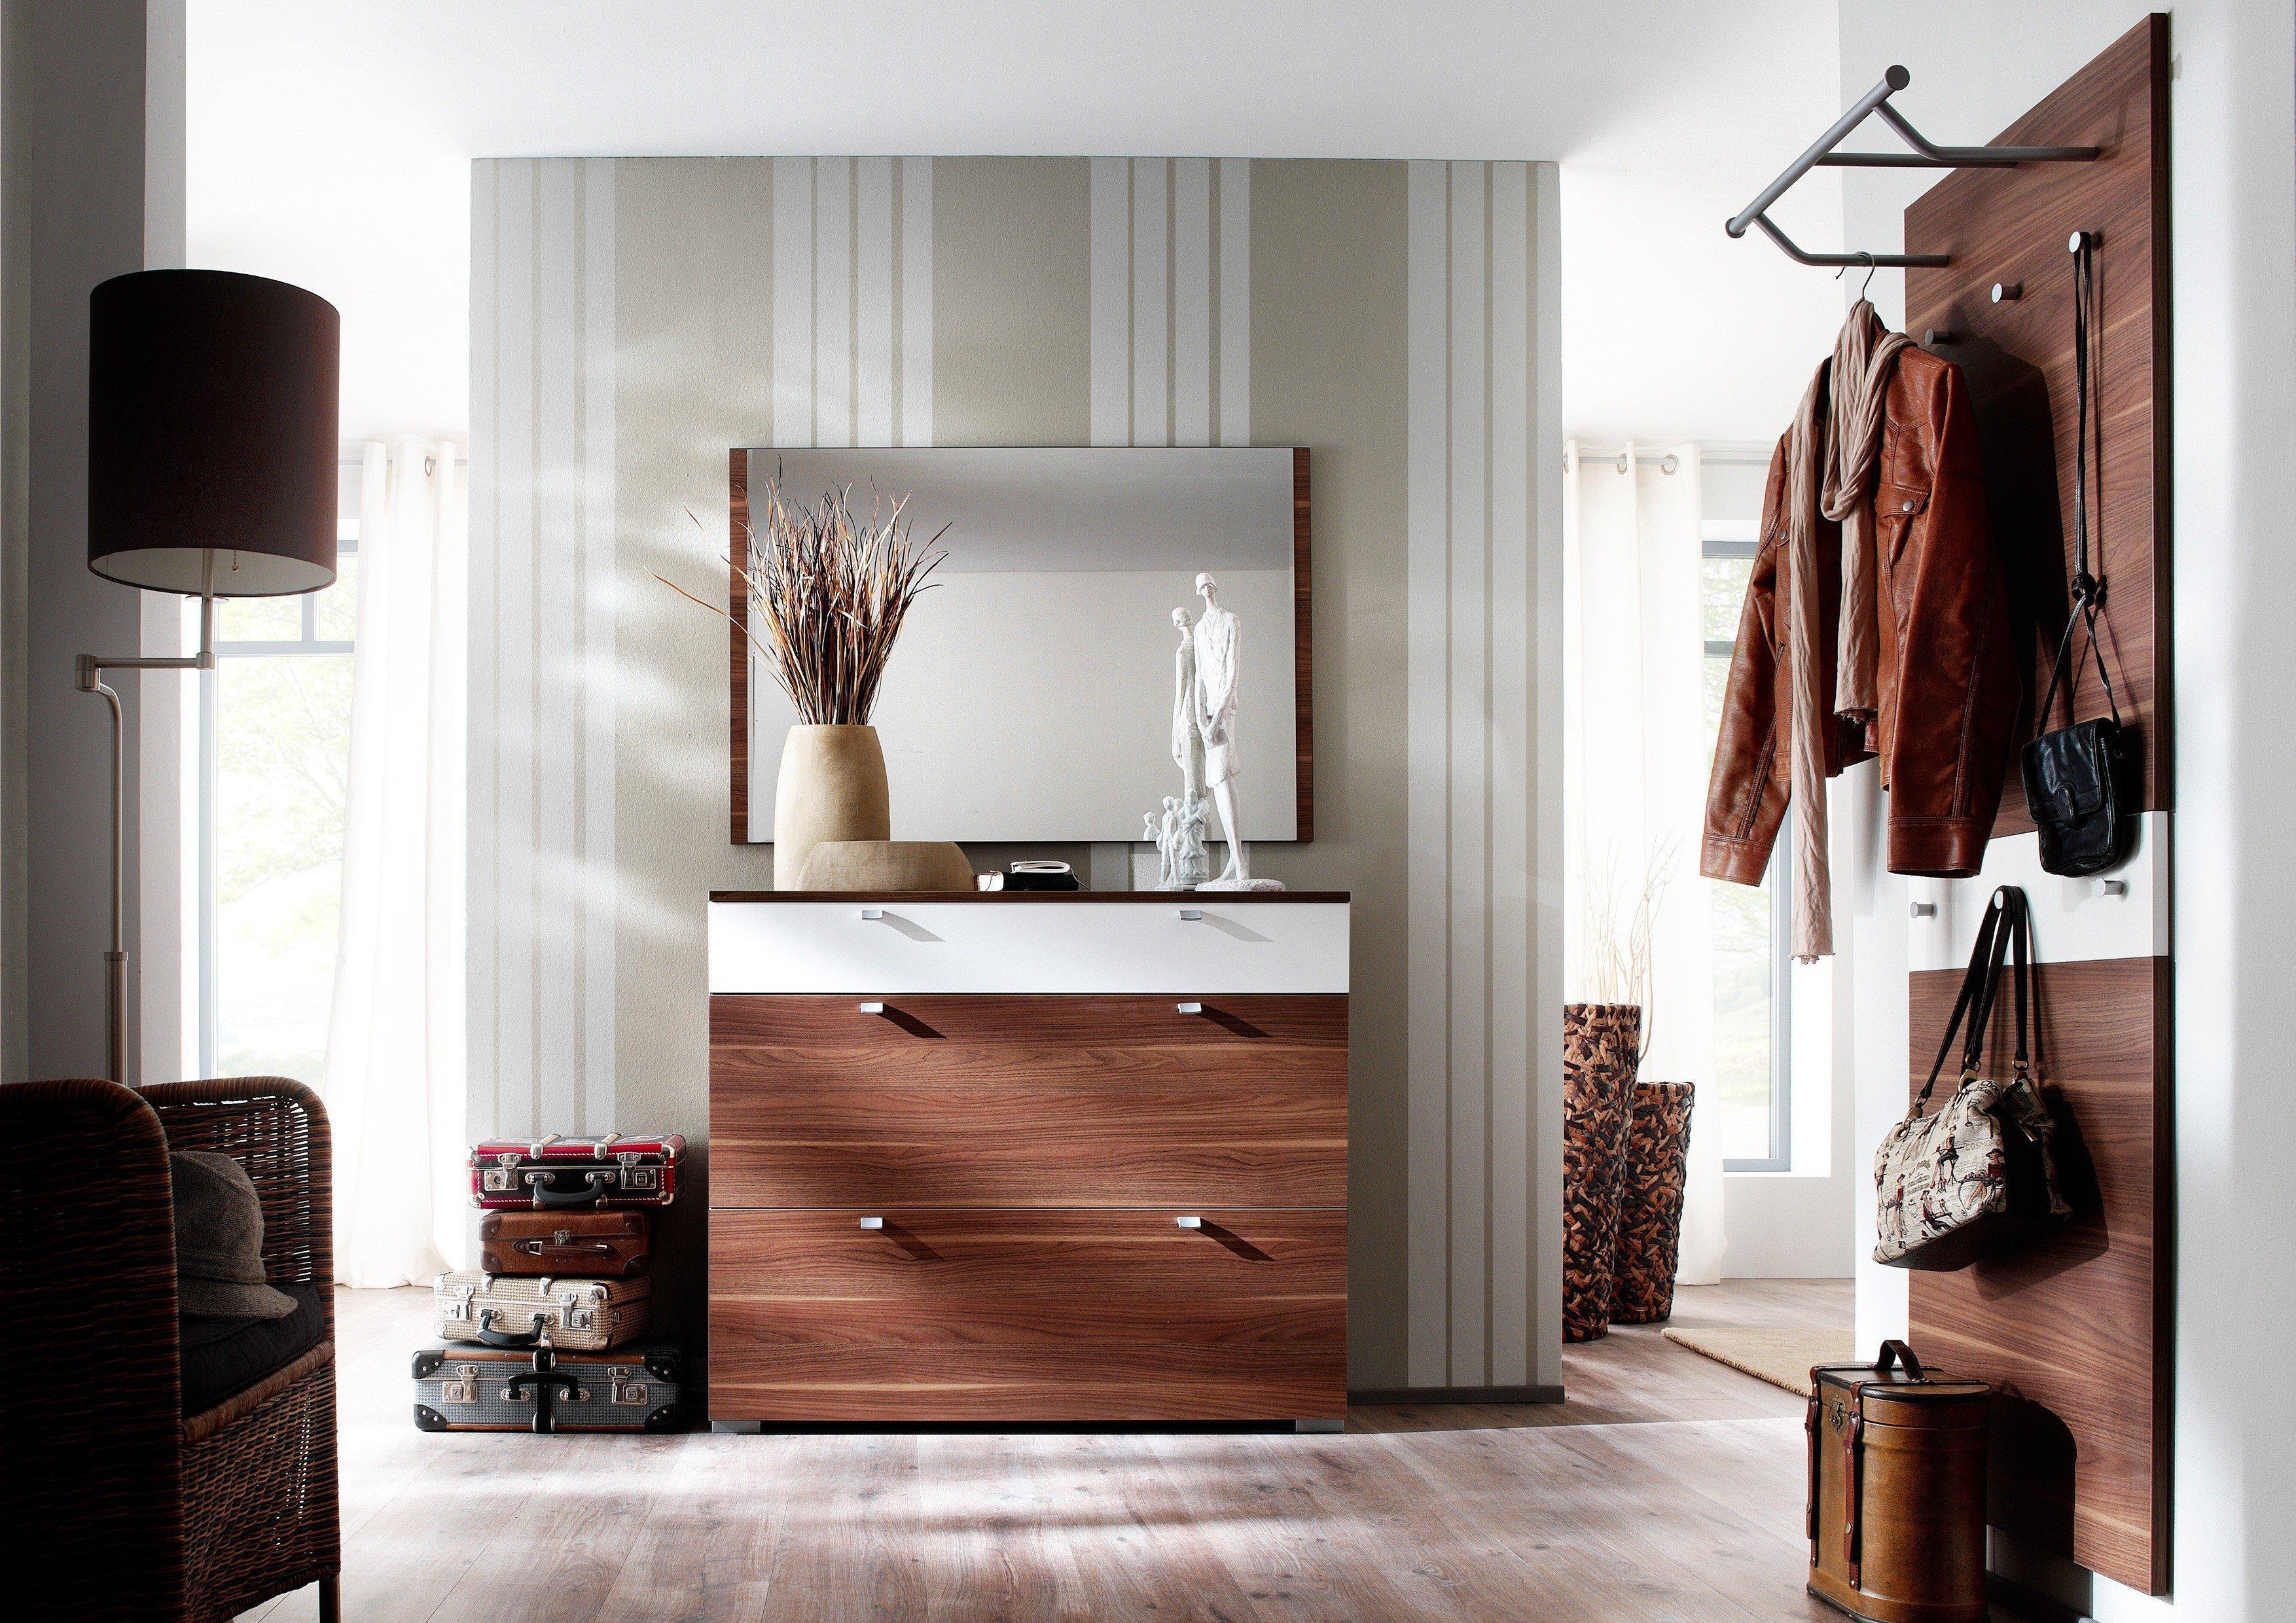 garderobe multi color una set 16 von wittenbreder m bel. Black Bedroom Furniture Sets. Home Design Ideas